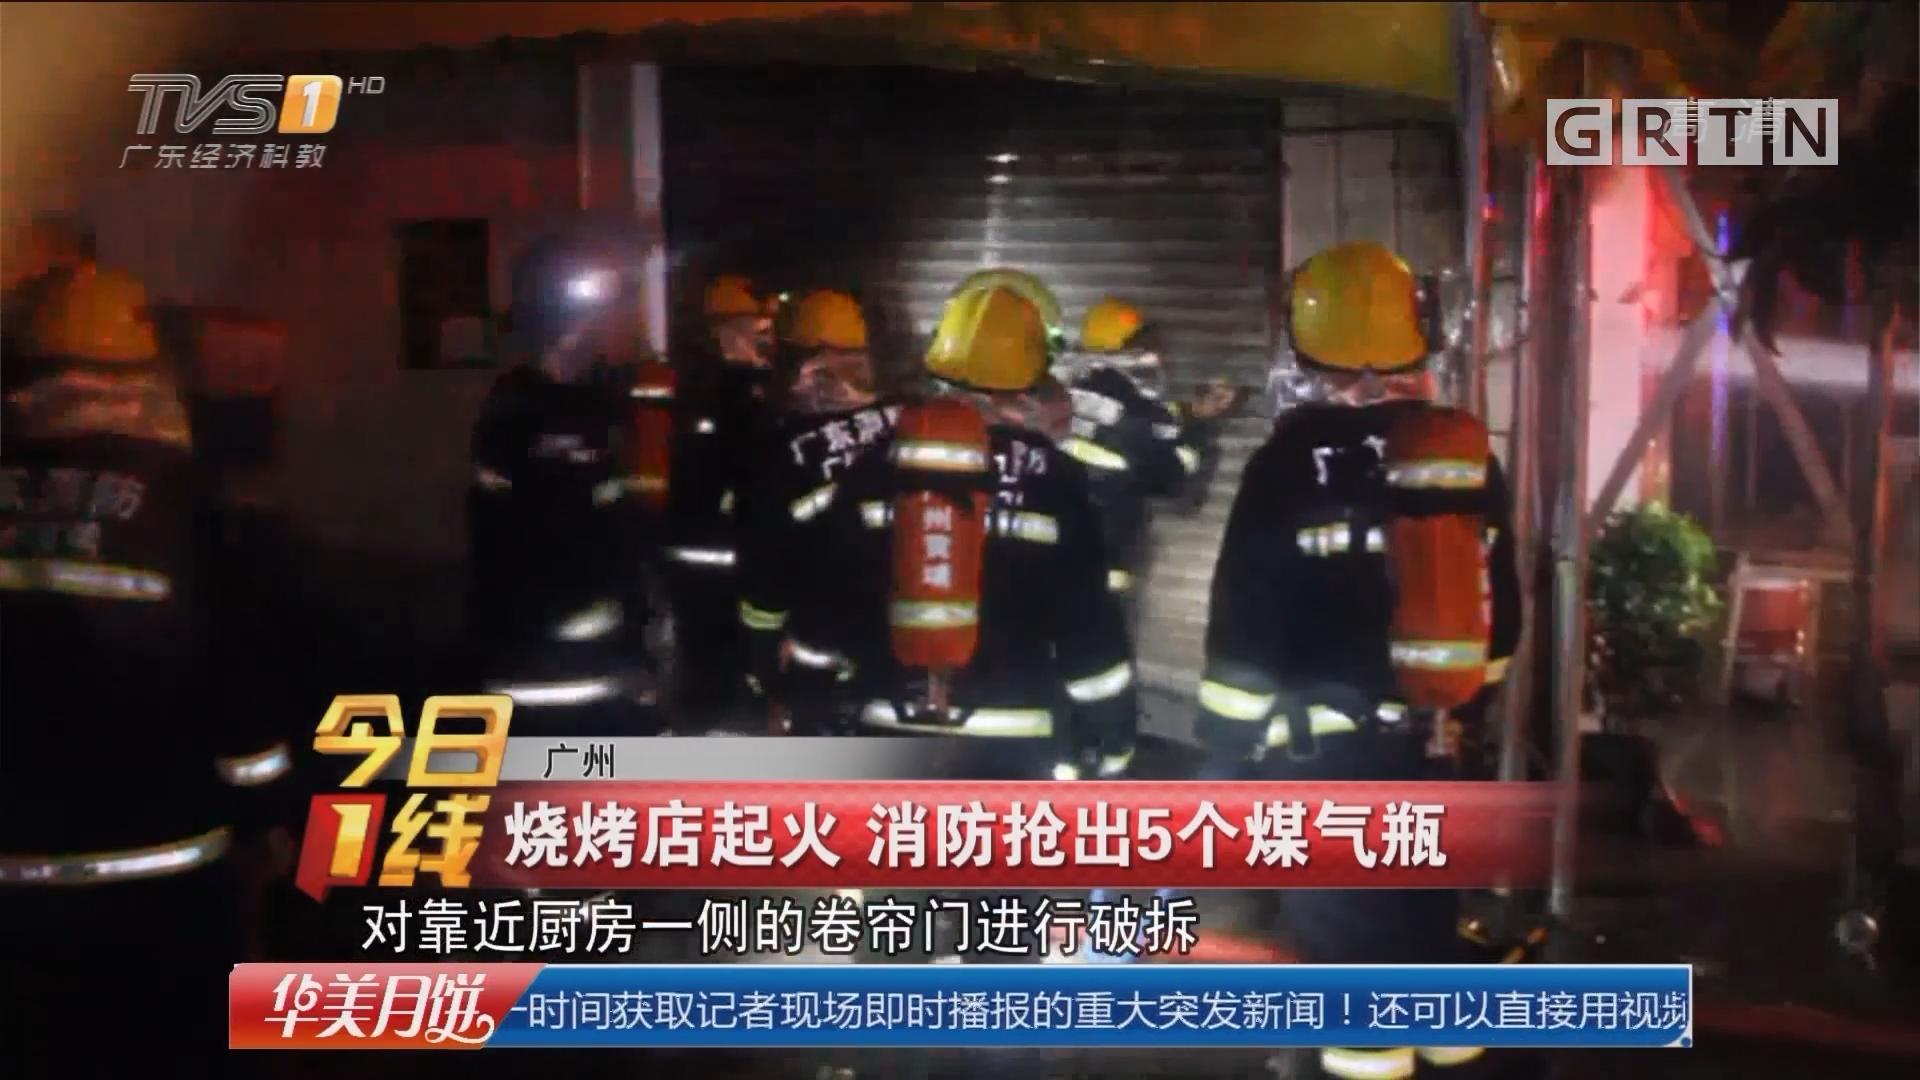 广州:烧烤店起火 消防抢出5个煤气瓶